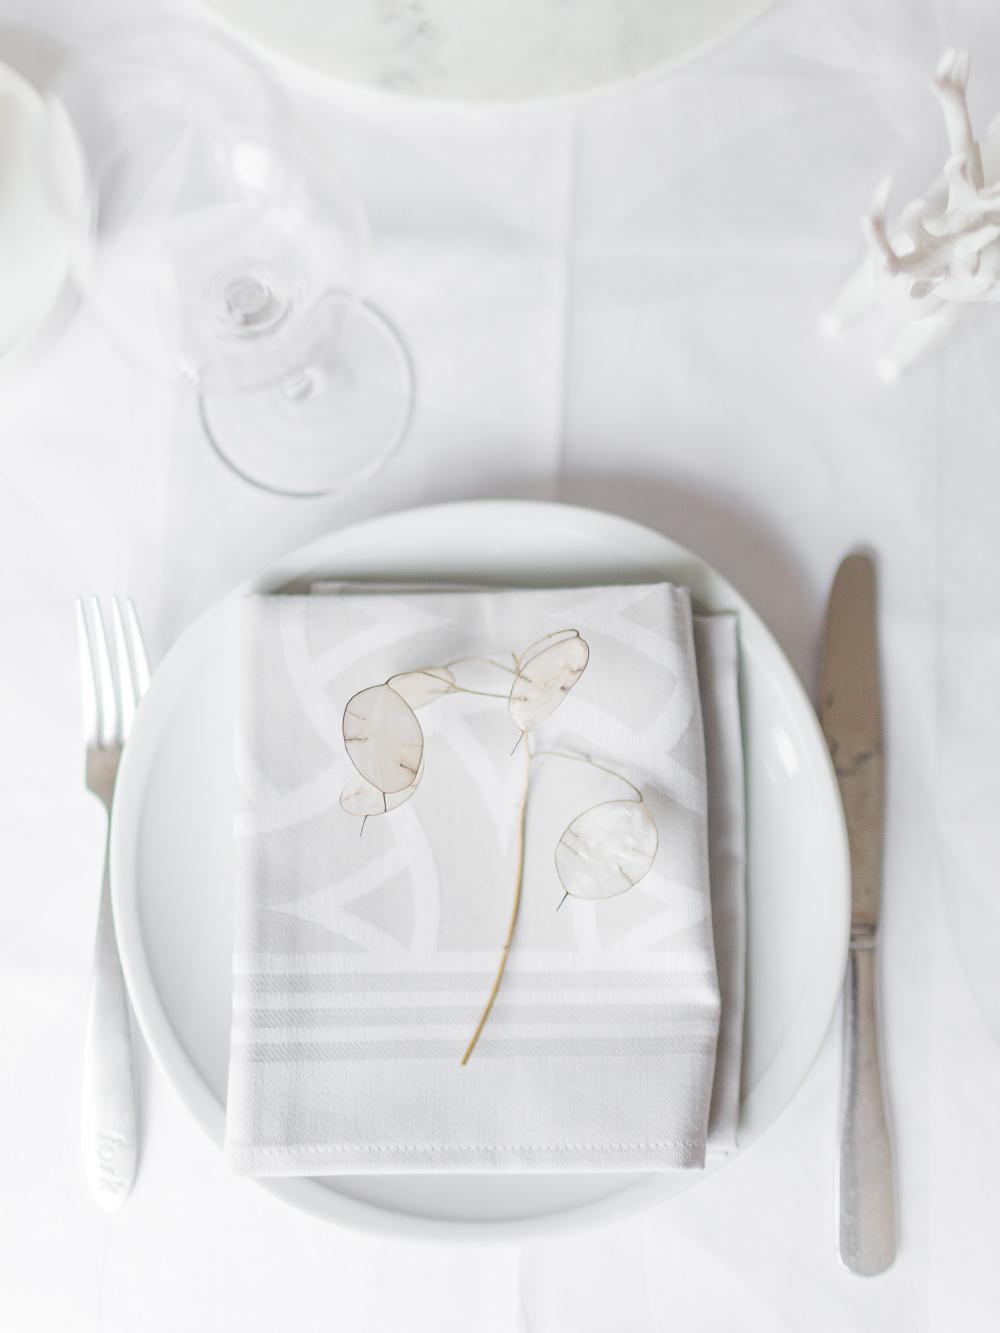 Blanccoco_Photographe_Jacquard_Francais_Styliste_Culinaire-2b